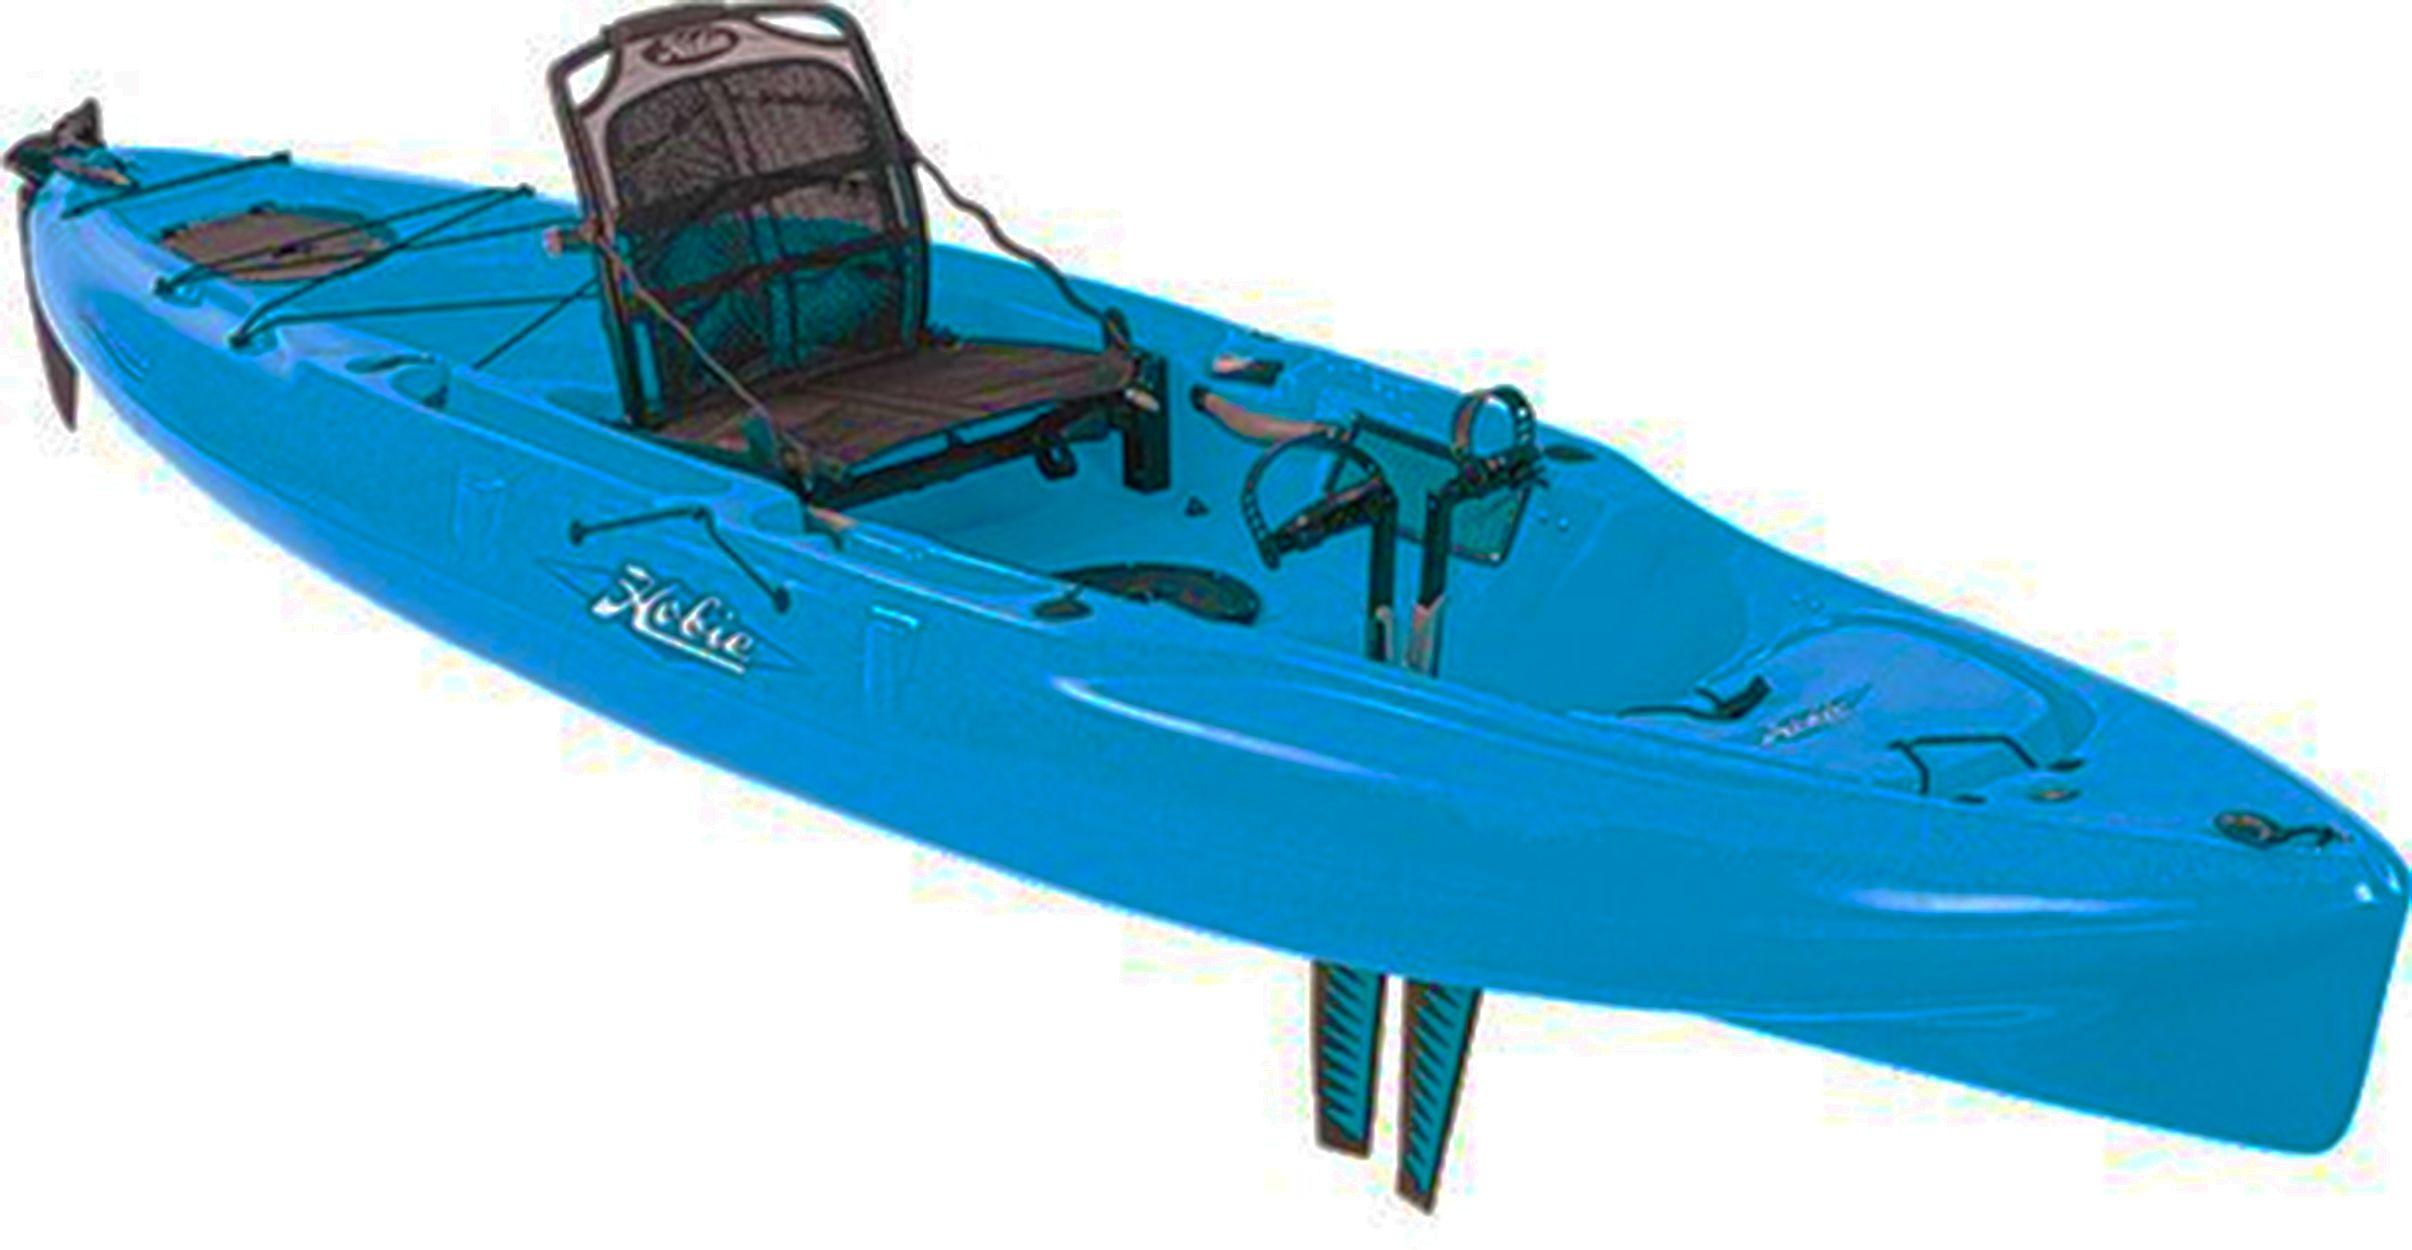 Hobie mirage drive kayaks a fishing machine for Hobie fishing kayak